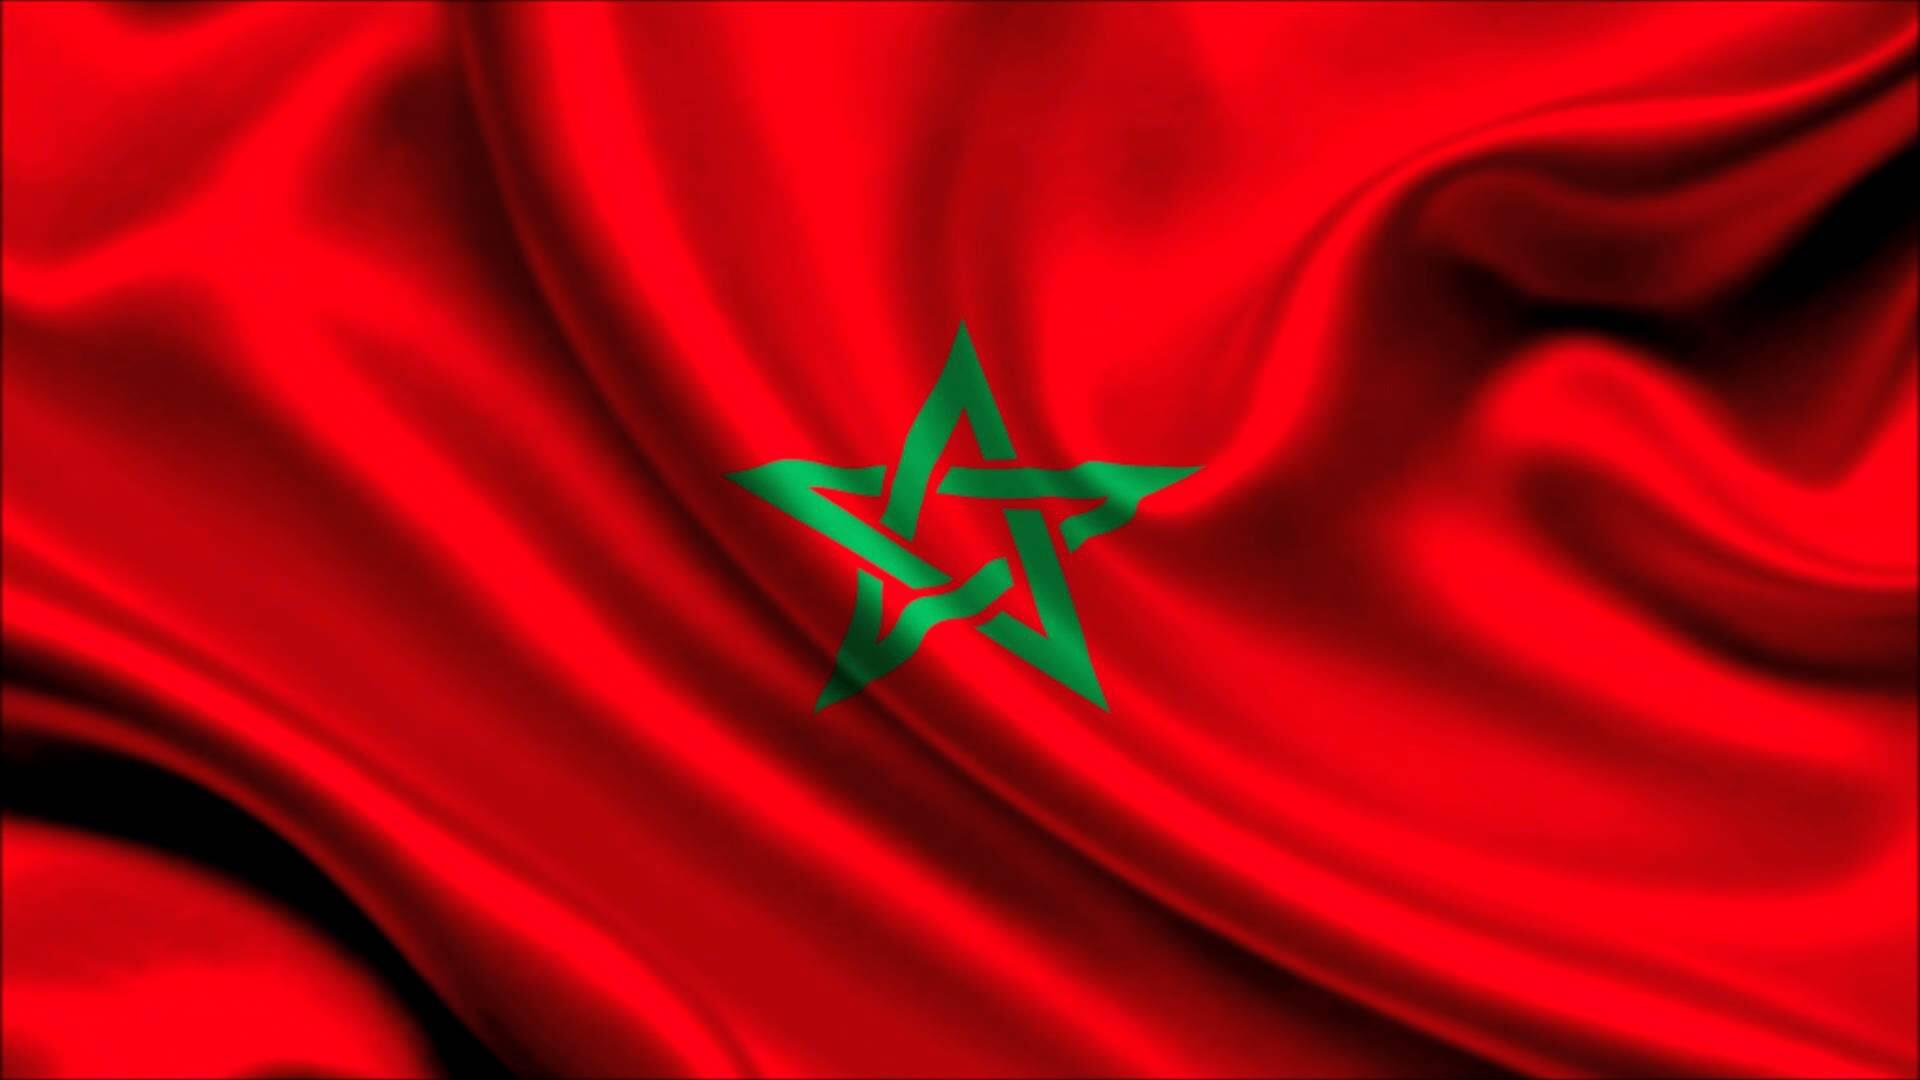 صور فوتوغرافية عن المغرب العميق برواق المتحف الأمازيغي بأكادير